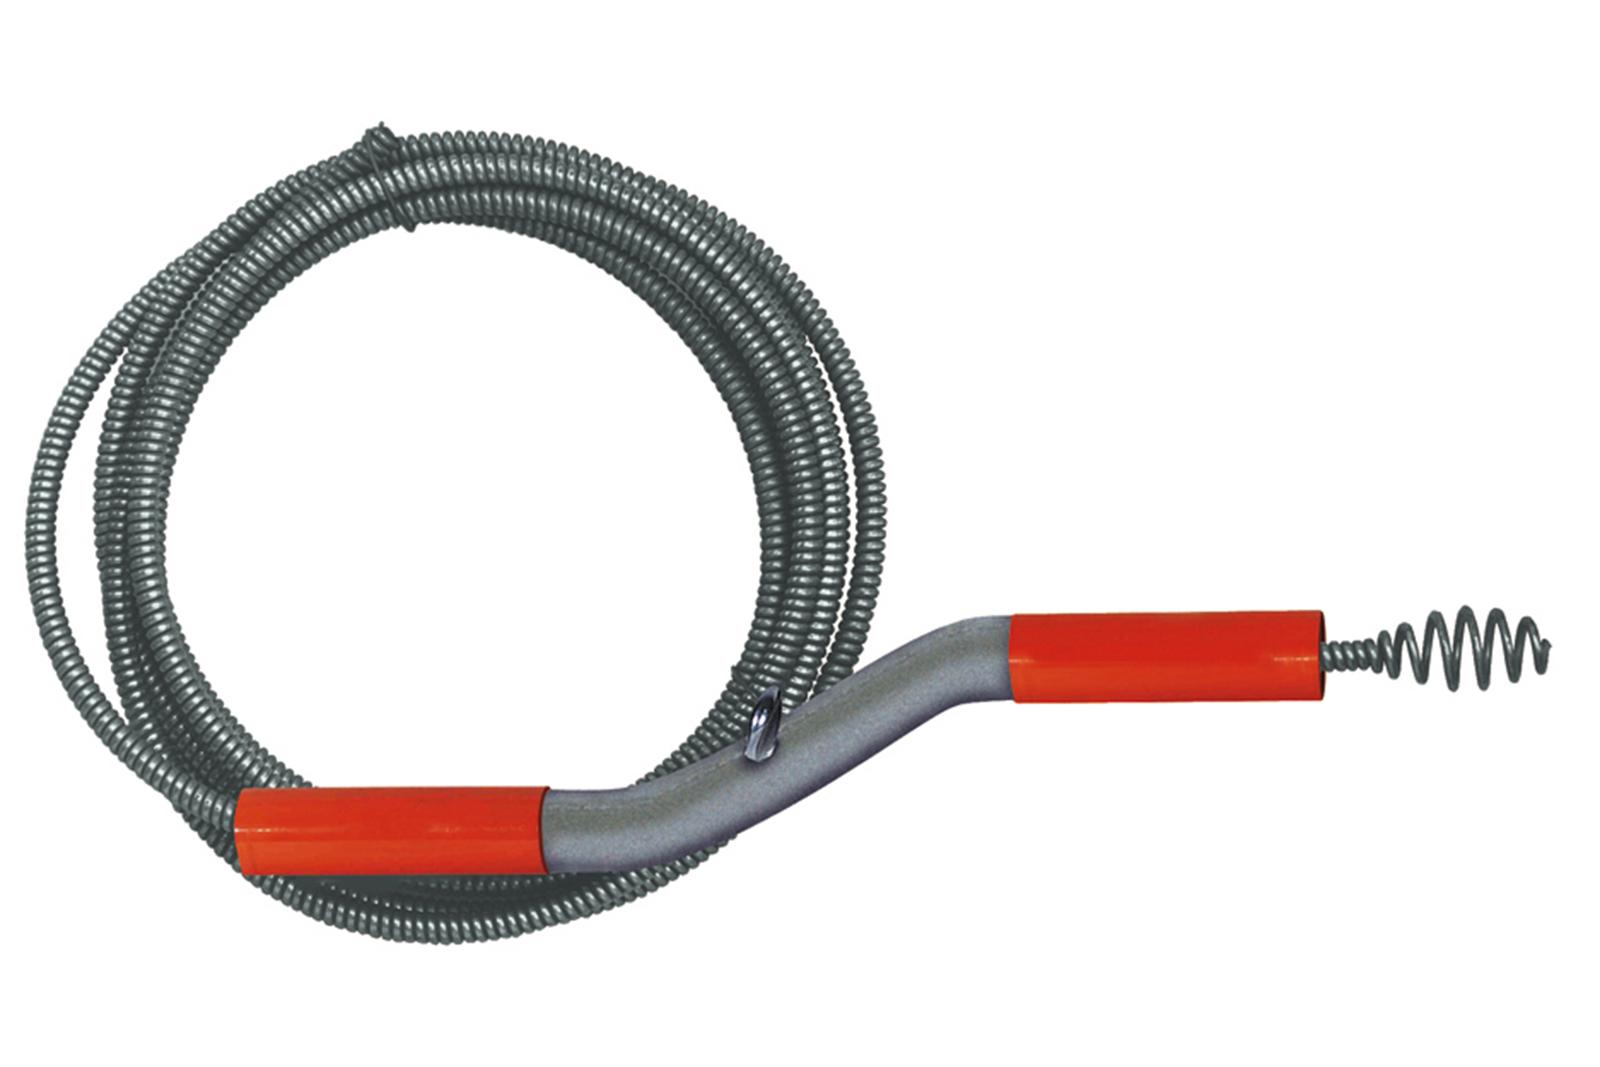 Трос для прочистки General pipe Flexicore 35fl1